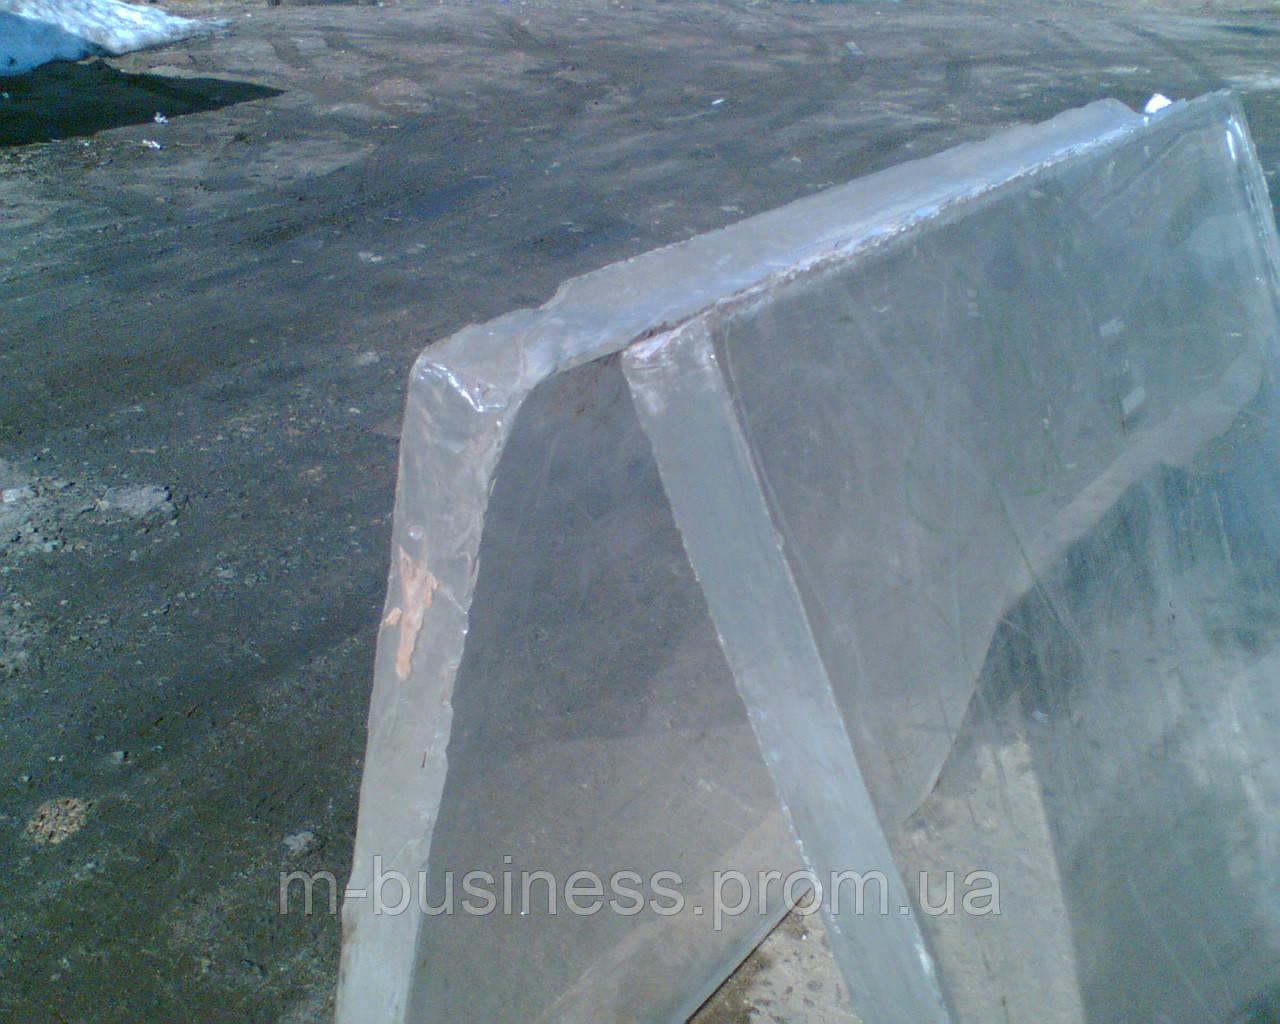 Оргстекло  литое   блочное  20,0  мм.